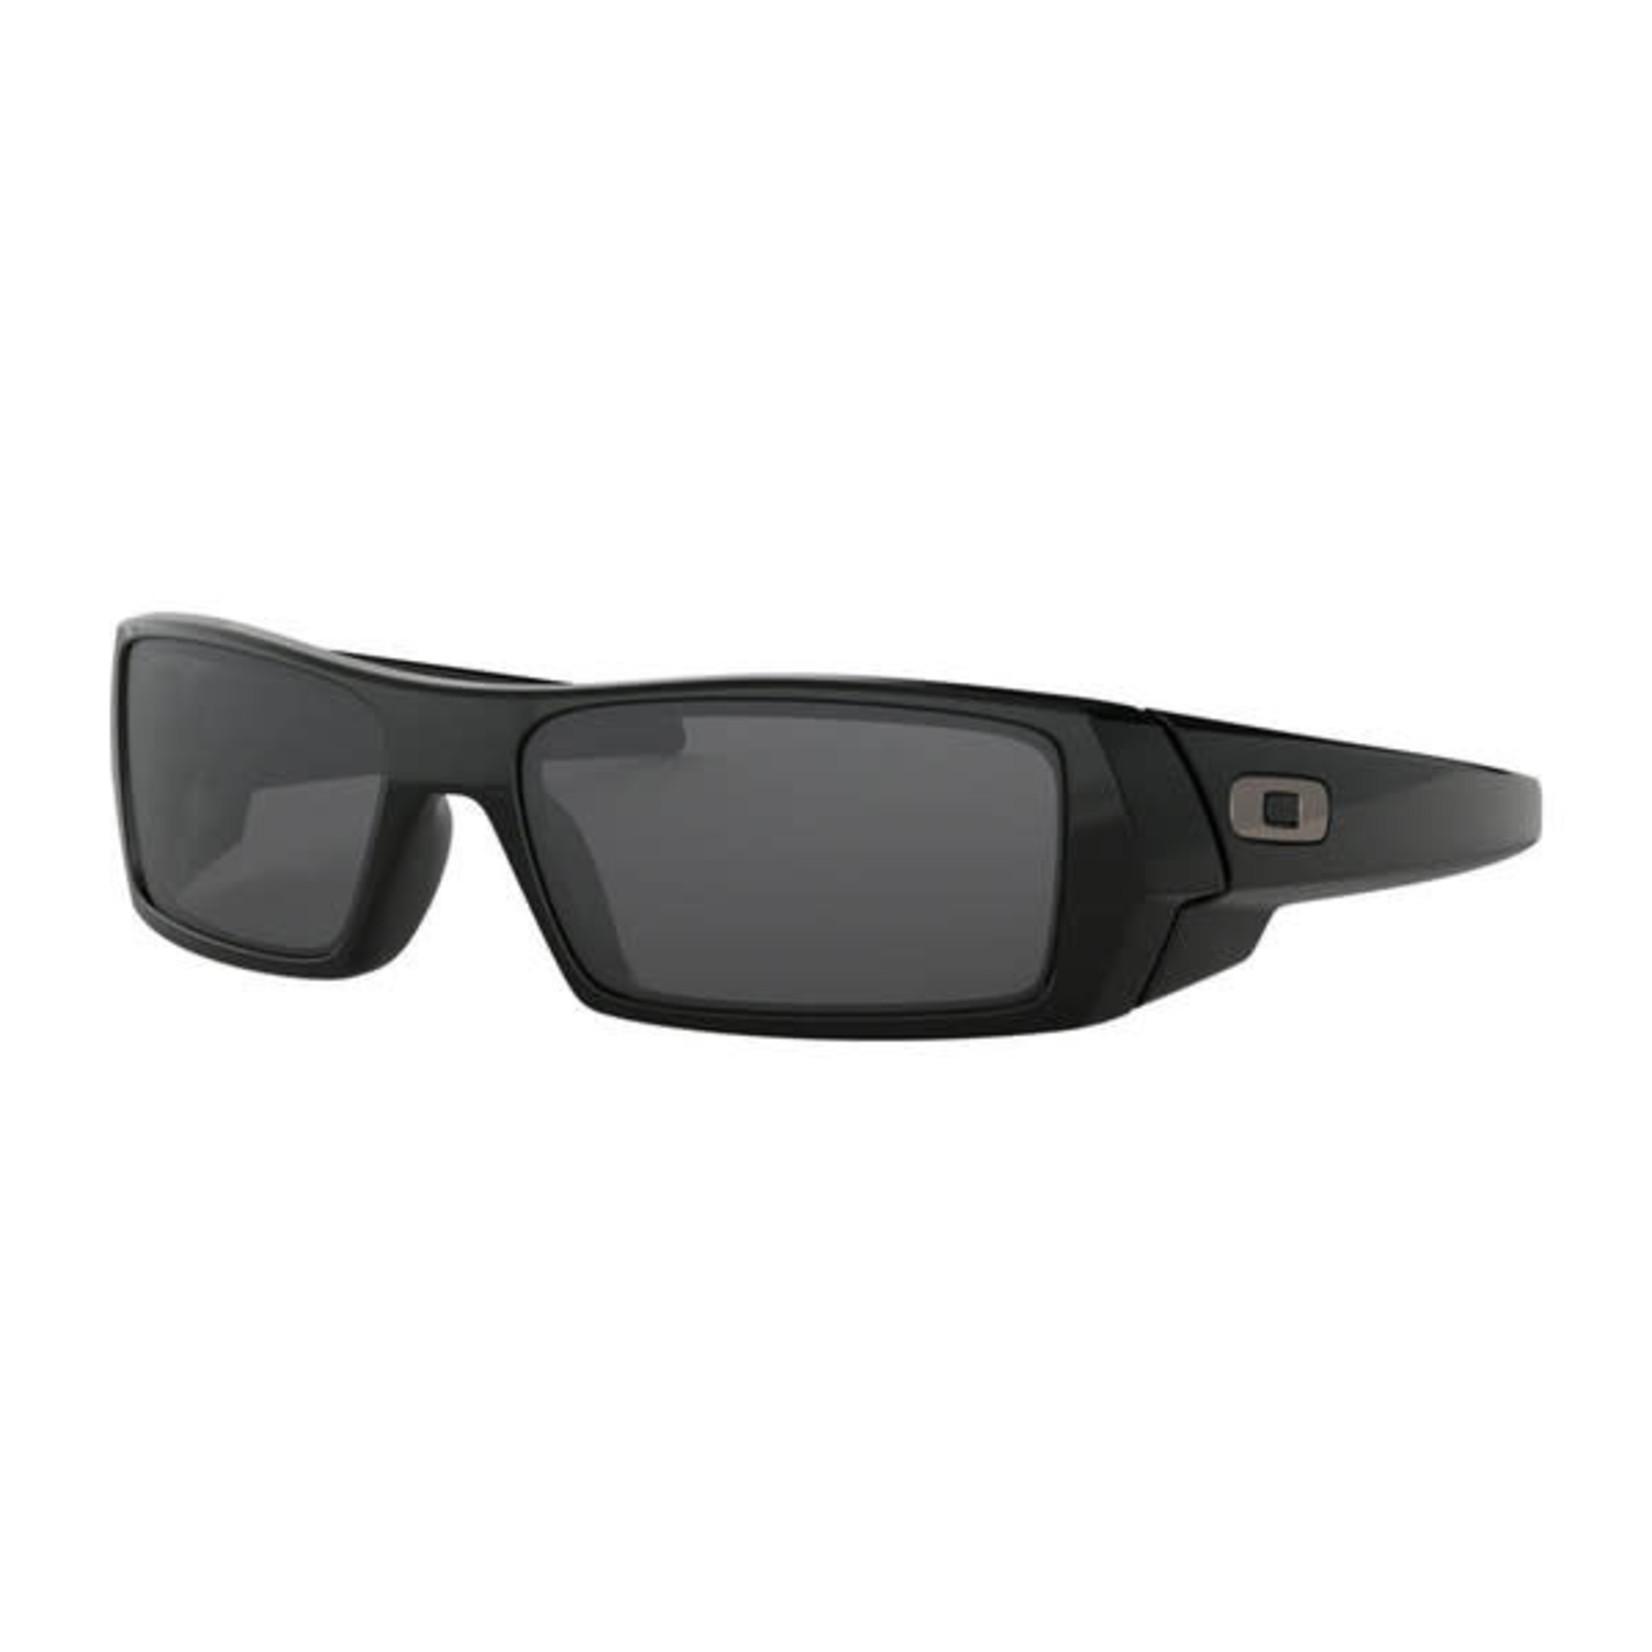 Oakley Oakley Sunglasses, Gascan, Polished Blk, Gry